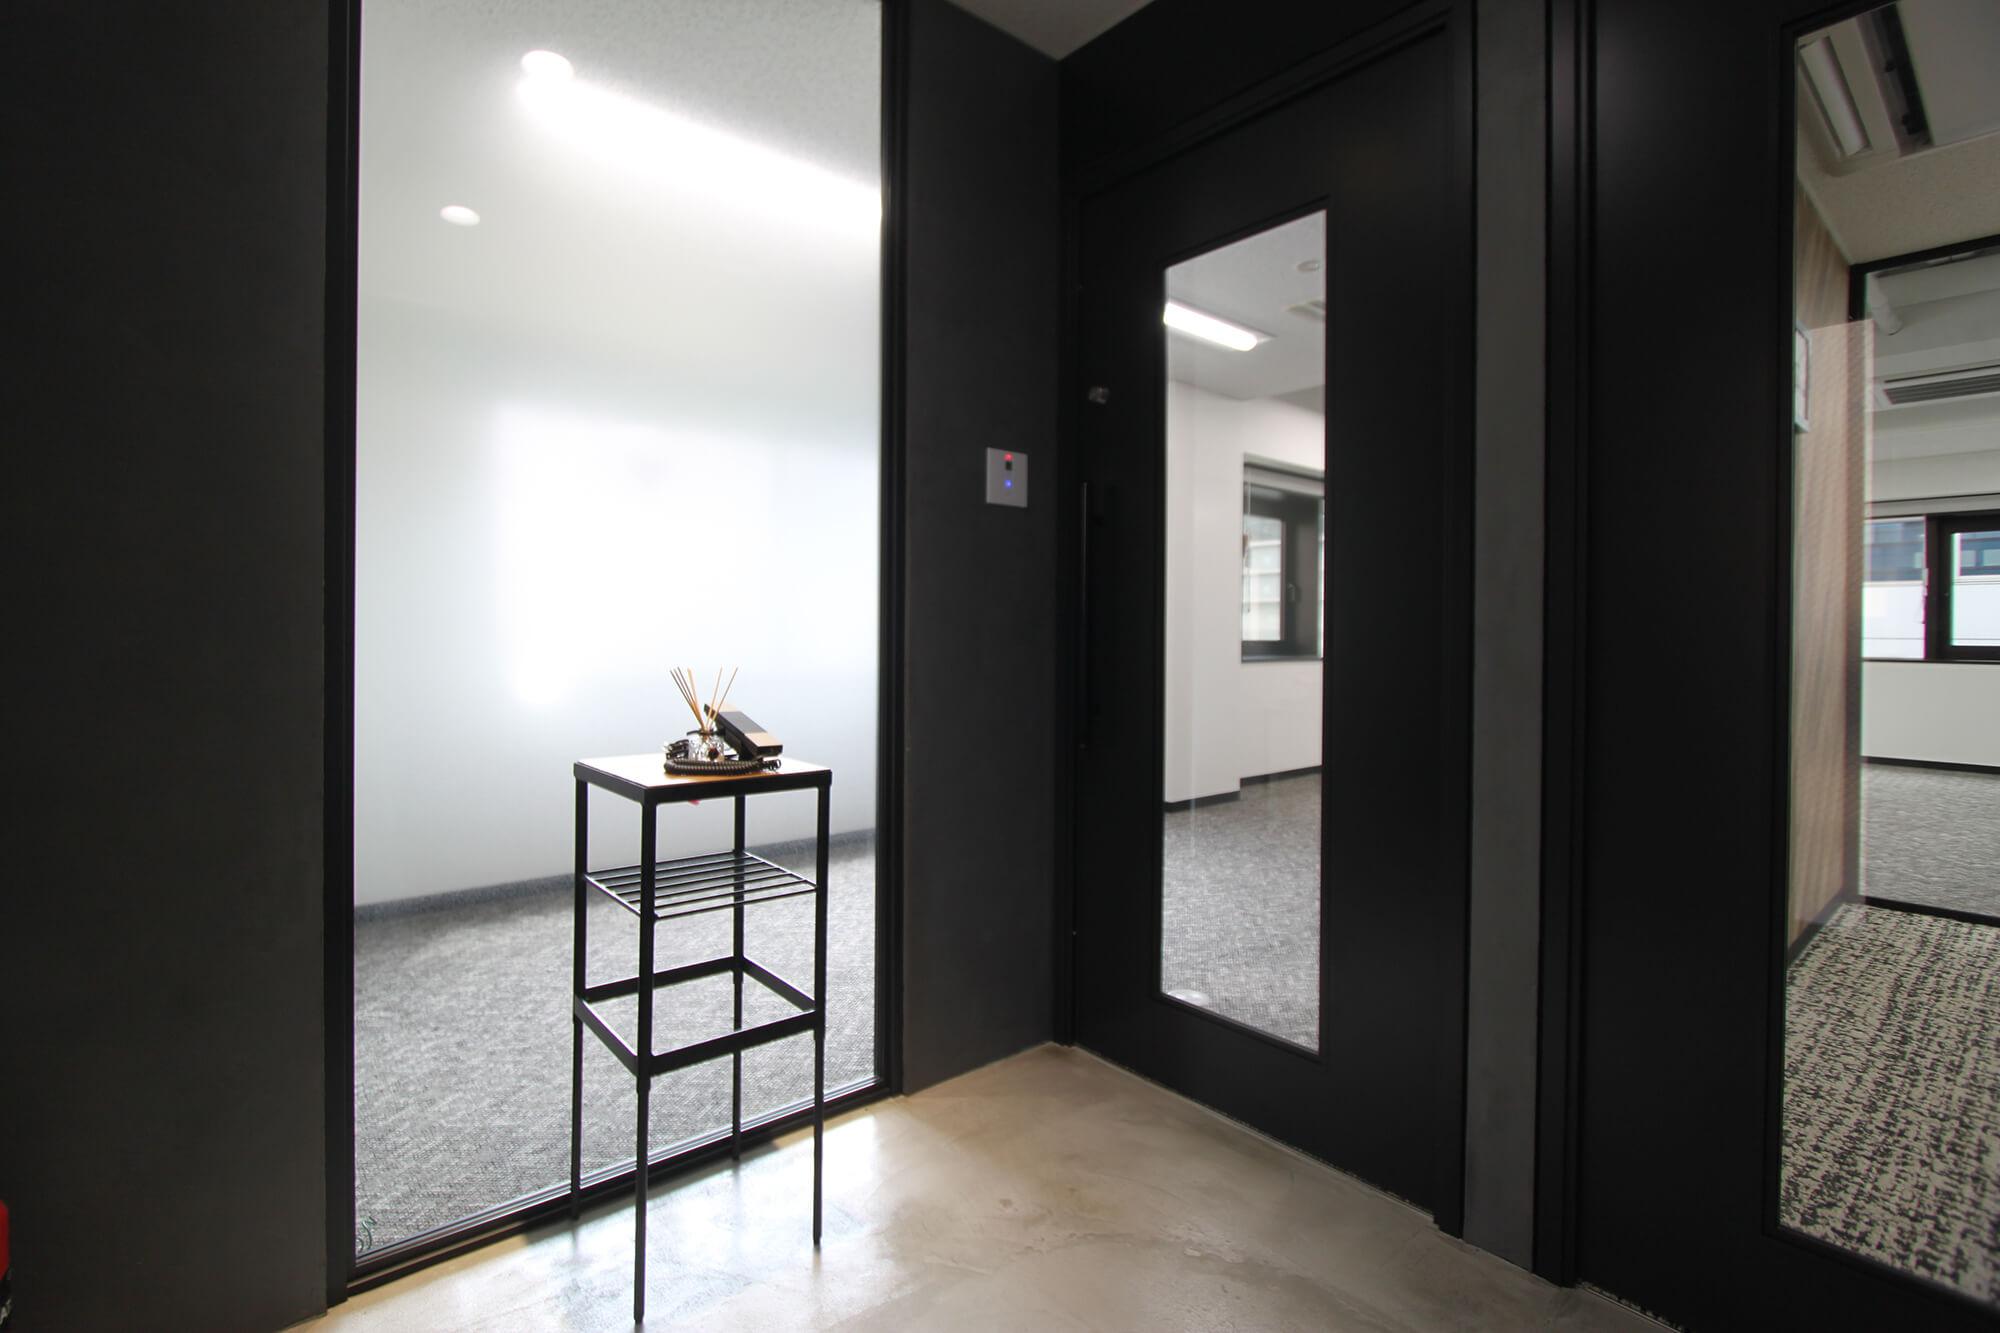 【内装付き】八丁堀、約20坪。駅近。<br>ガラスパーテの会議室がある10名用オフィス